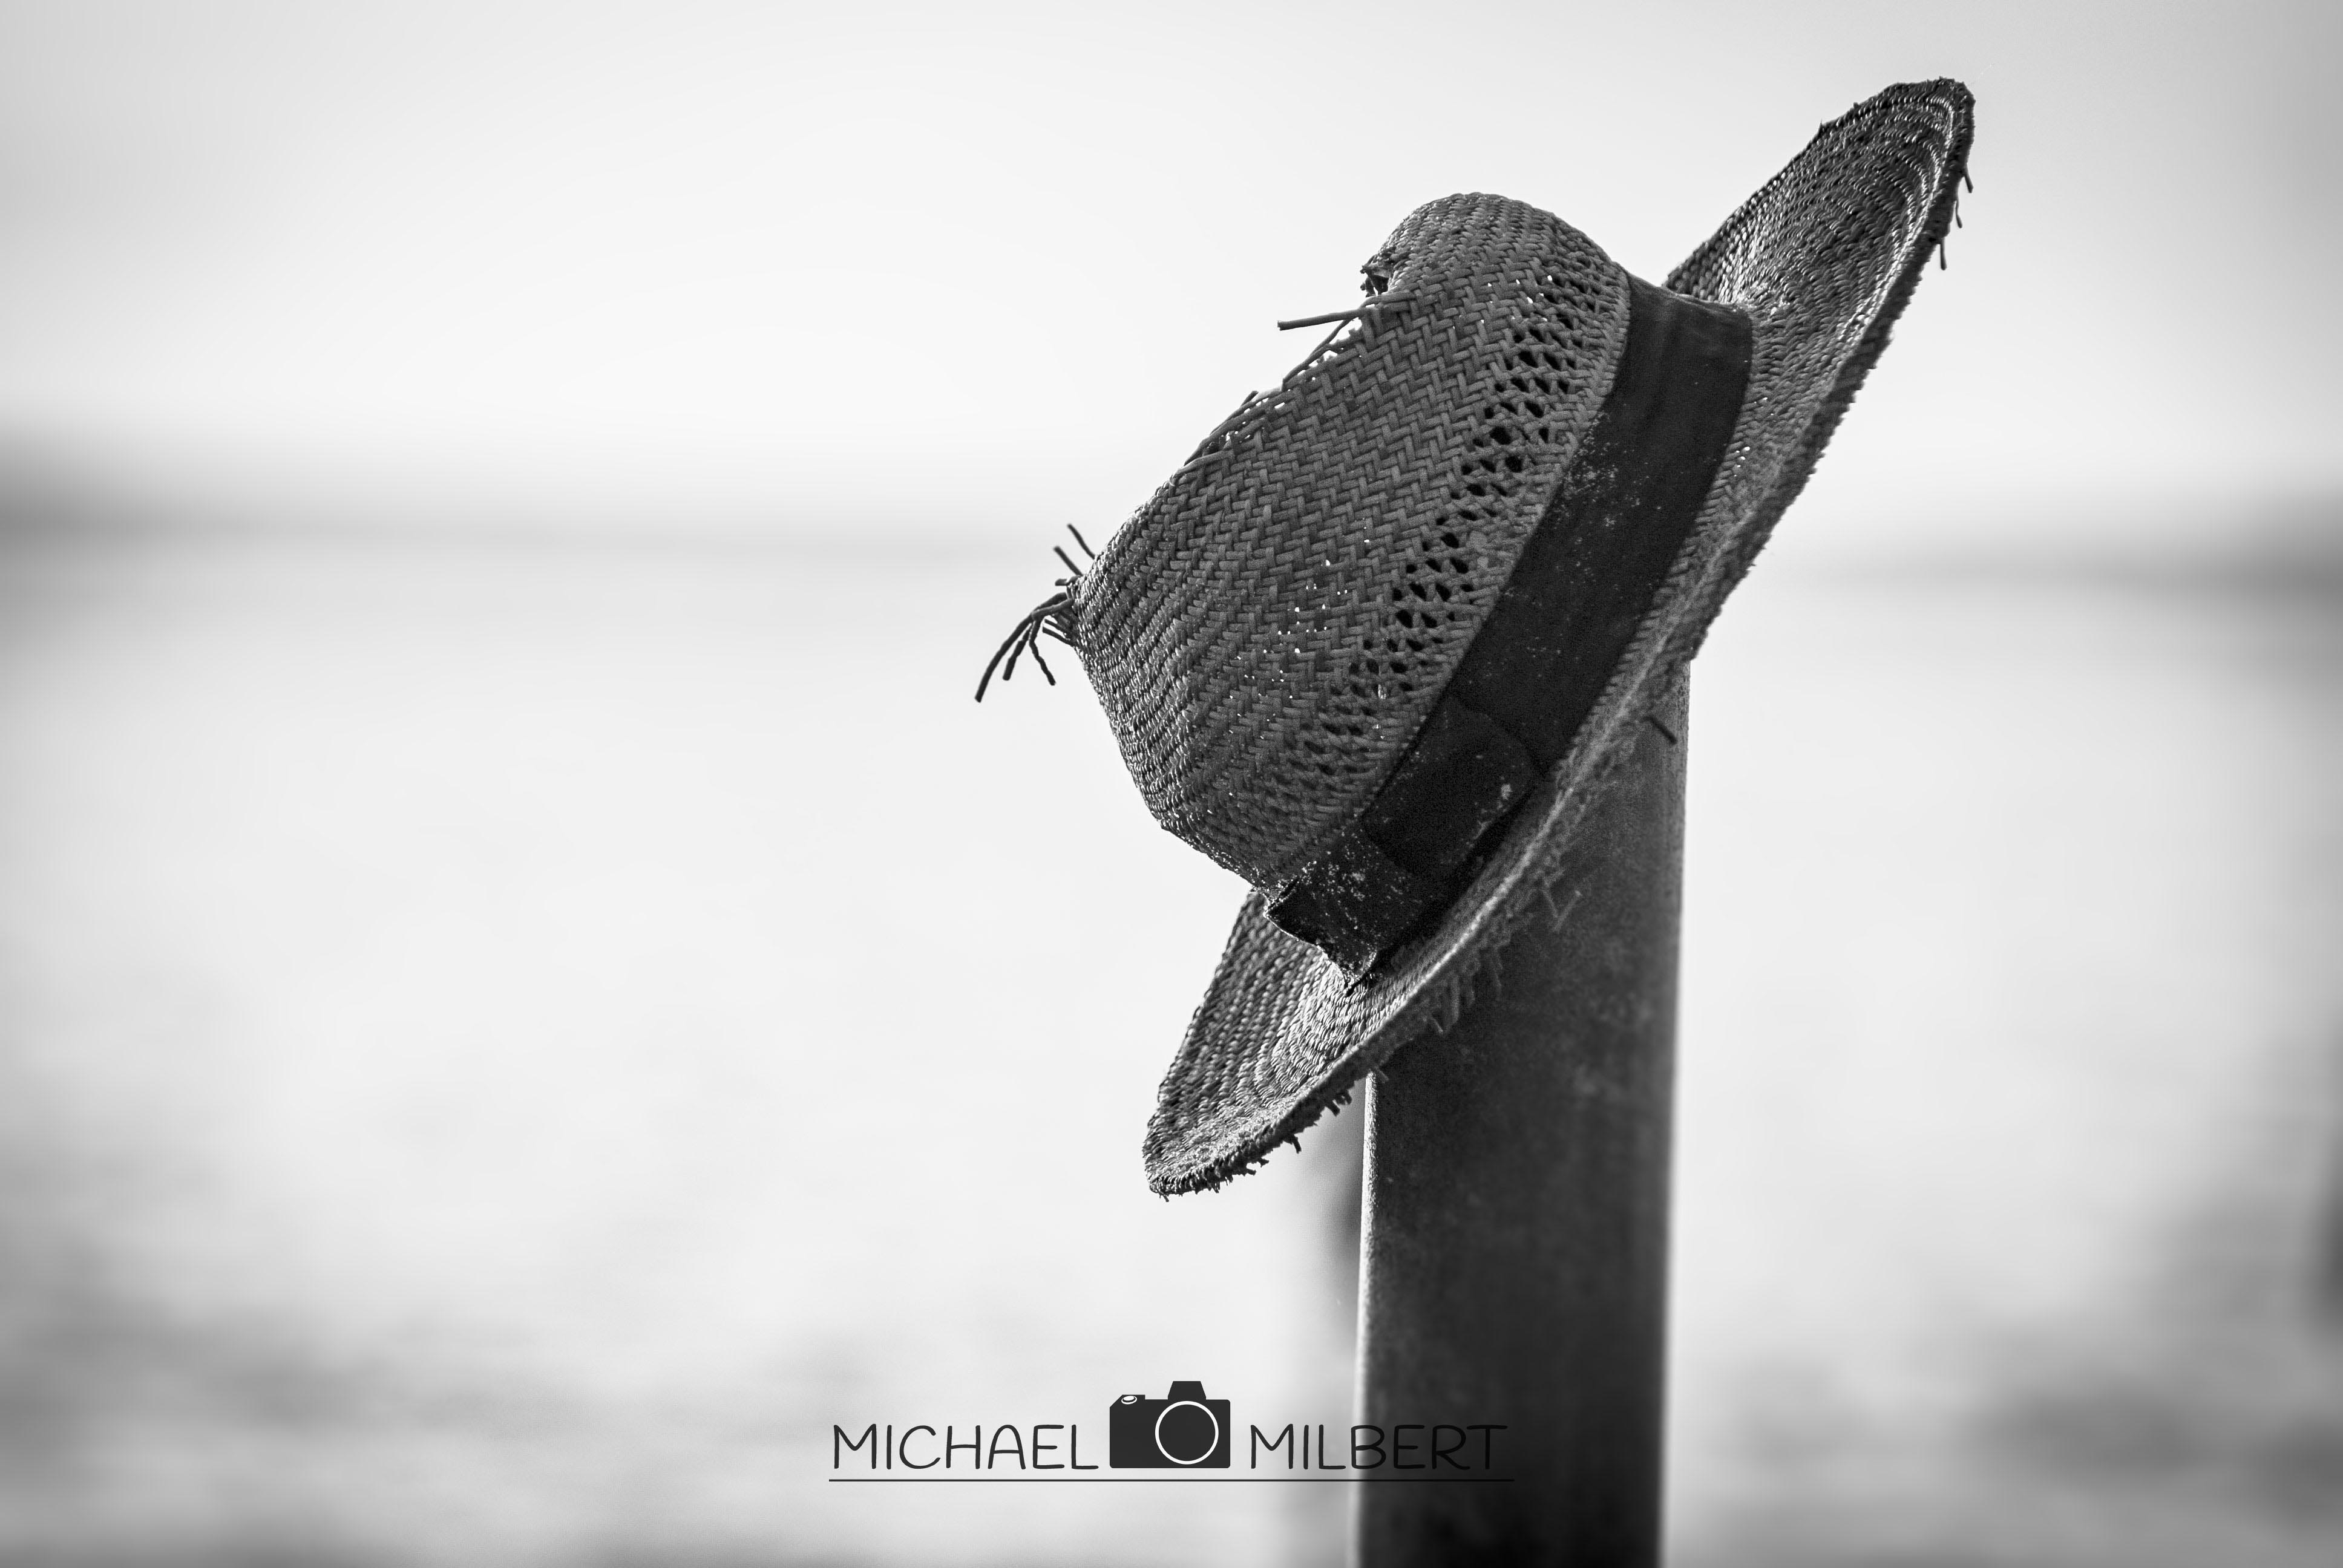 CREATIVE FOTOGRAFIE